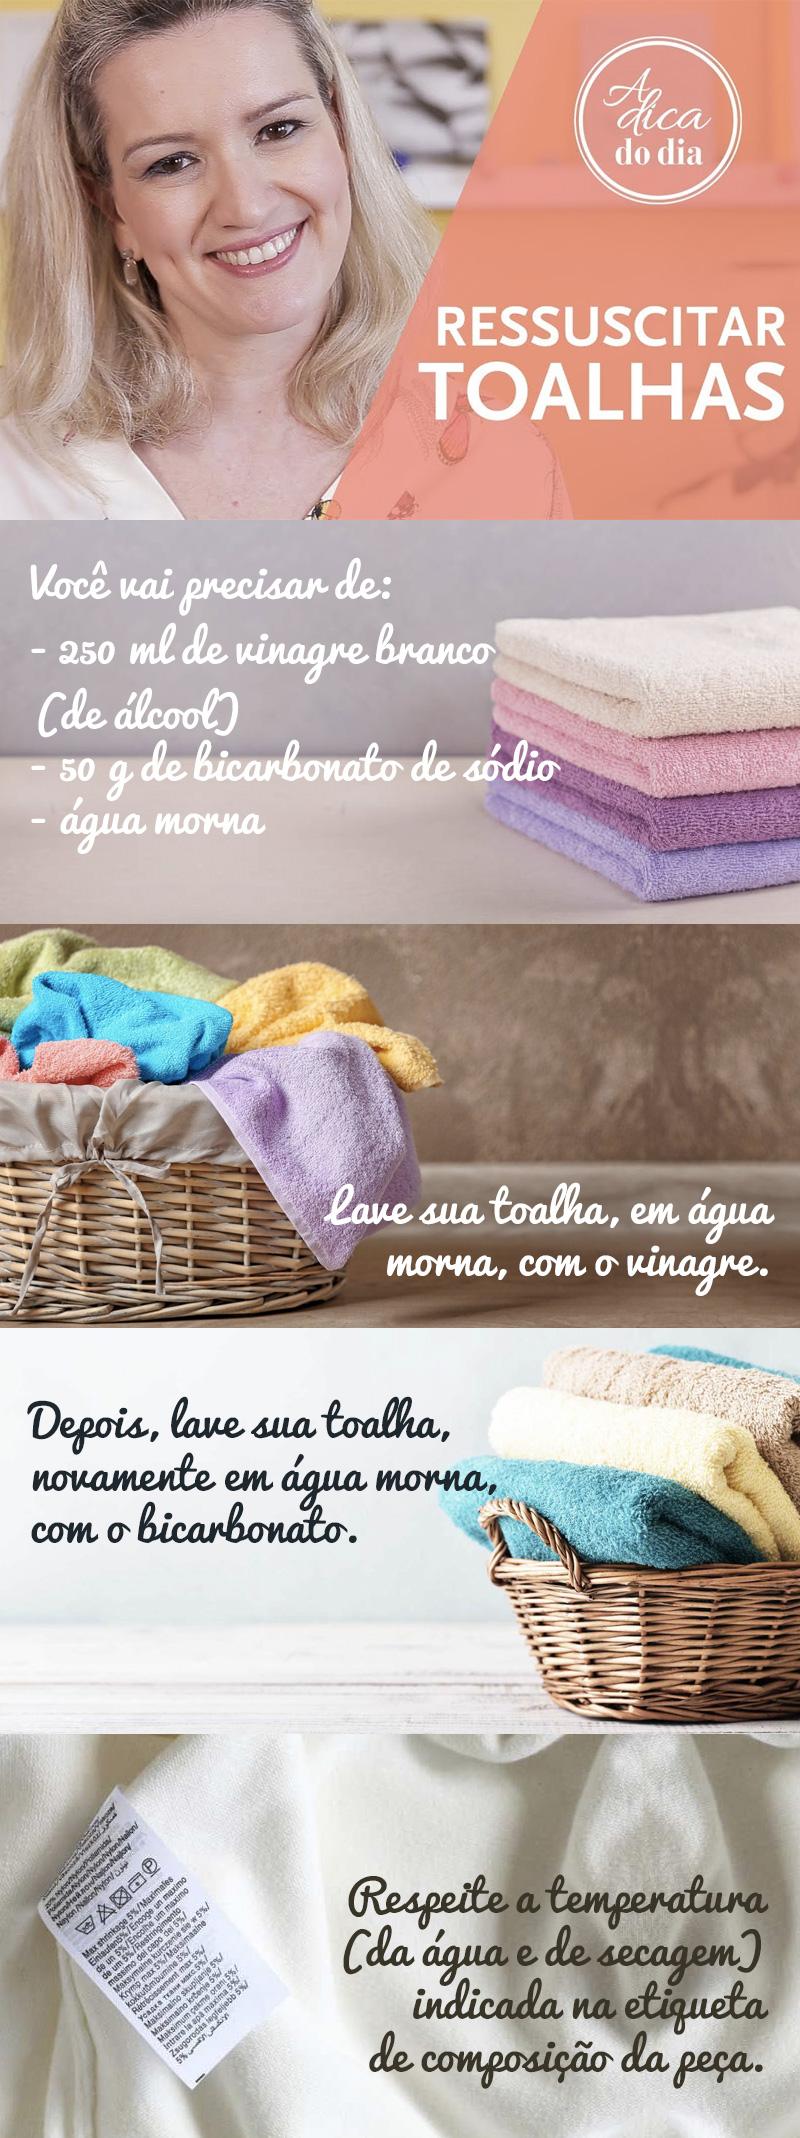 dicas para deixar a tolha de banho macia